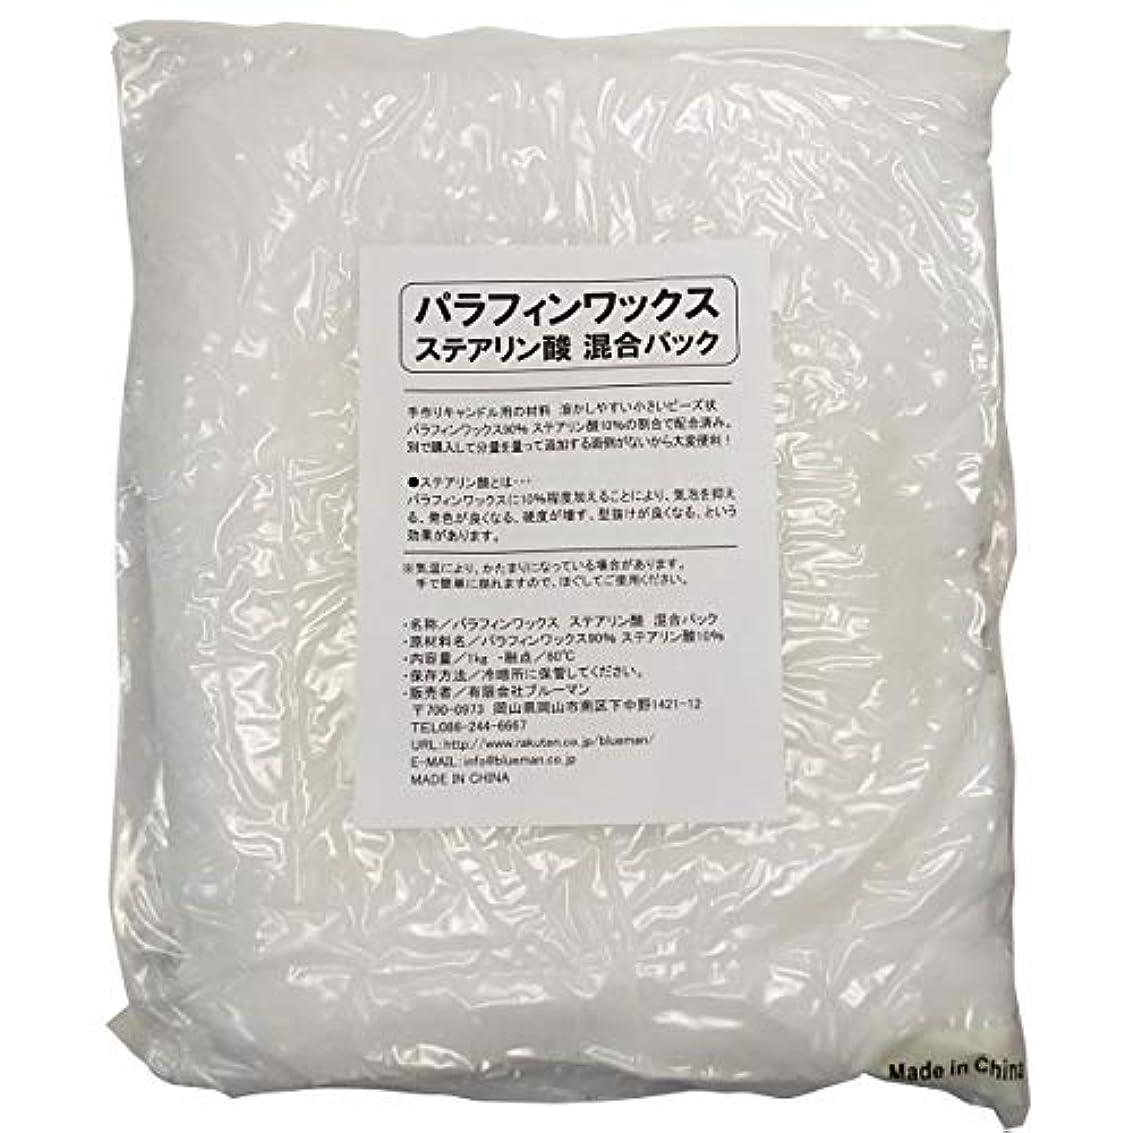 デジタル等コーナーパラフィンワックス ステアリン酸 混合パック 1kg 手作りキャンドル 材料 1キロ アロマワックスサシェ